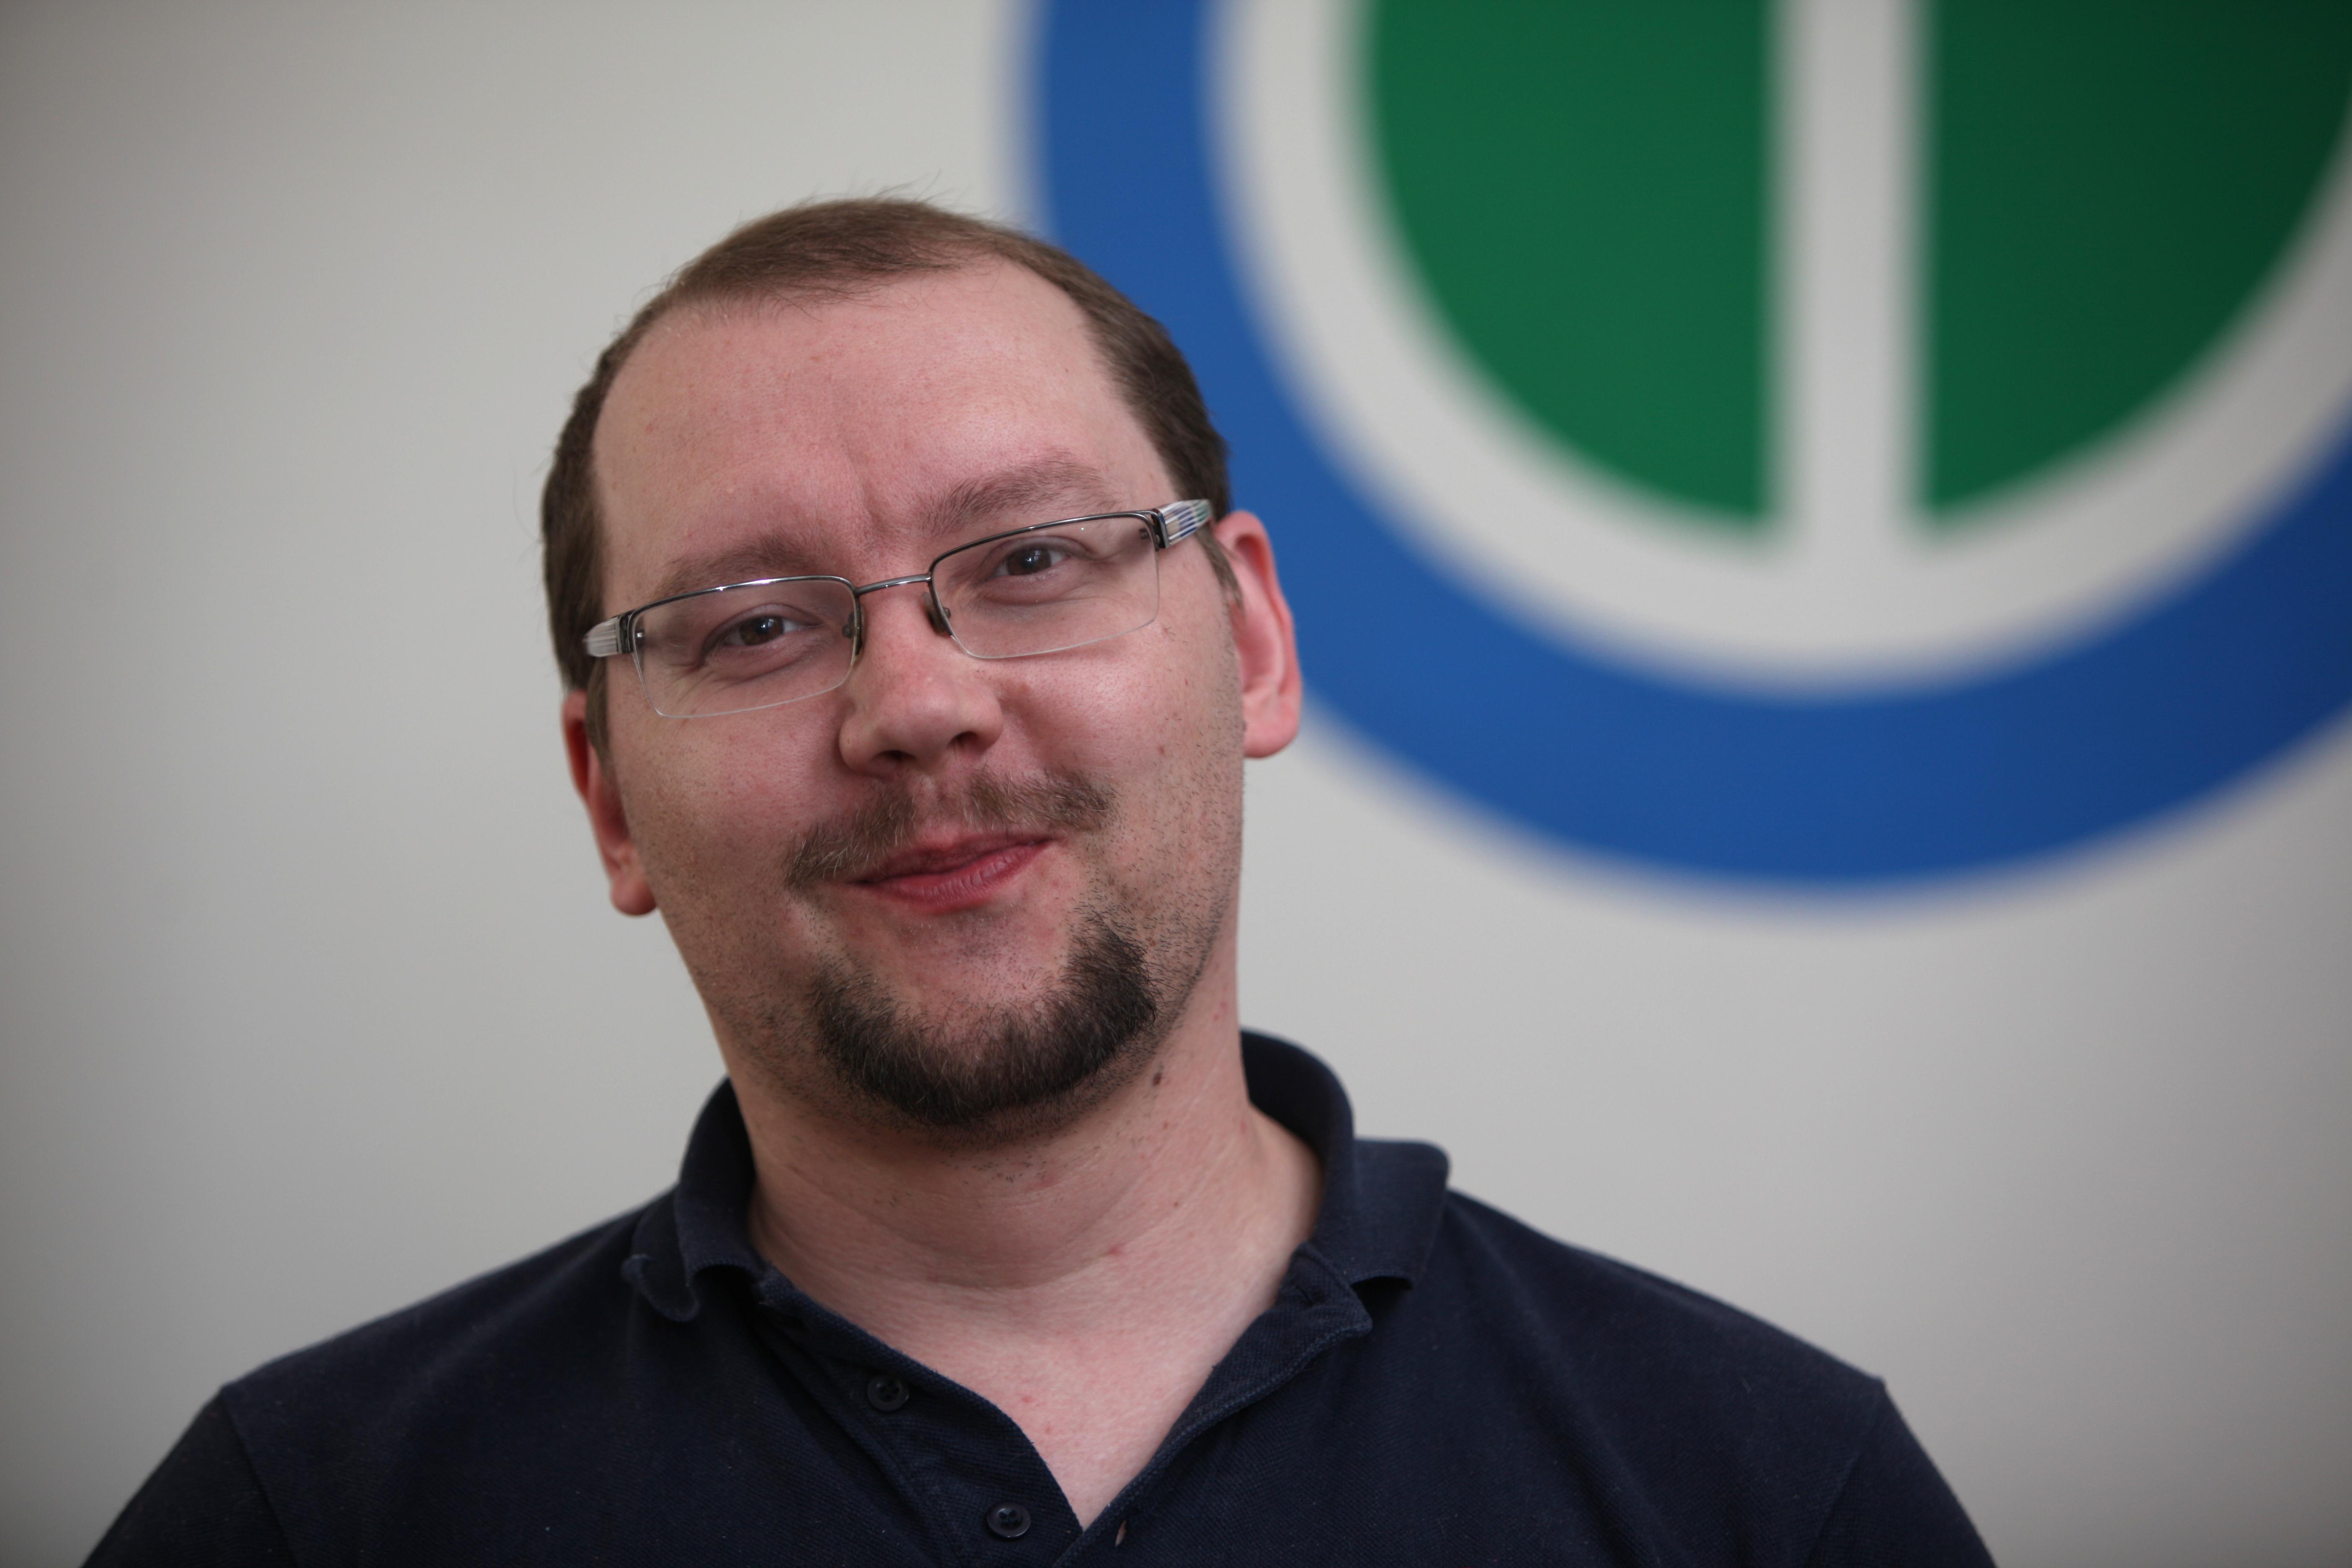 Michal Reiter